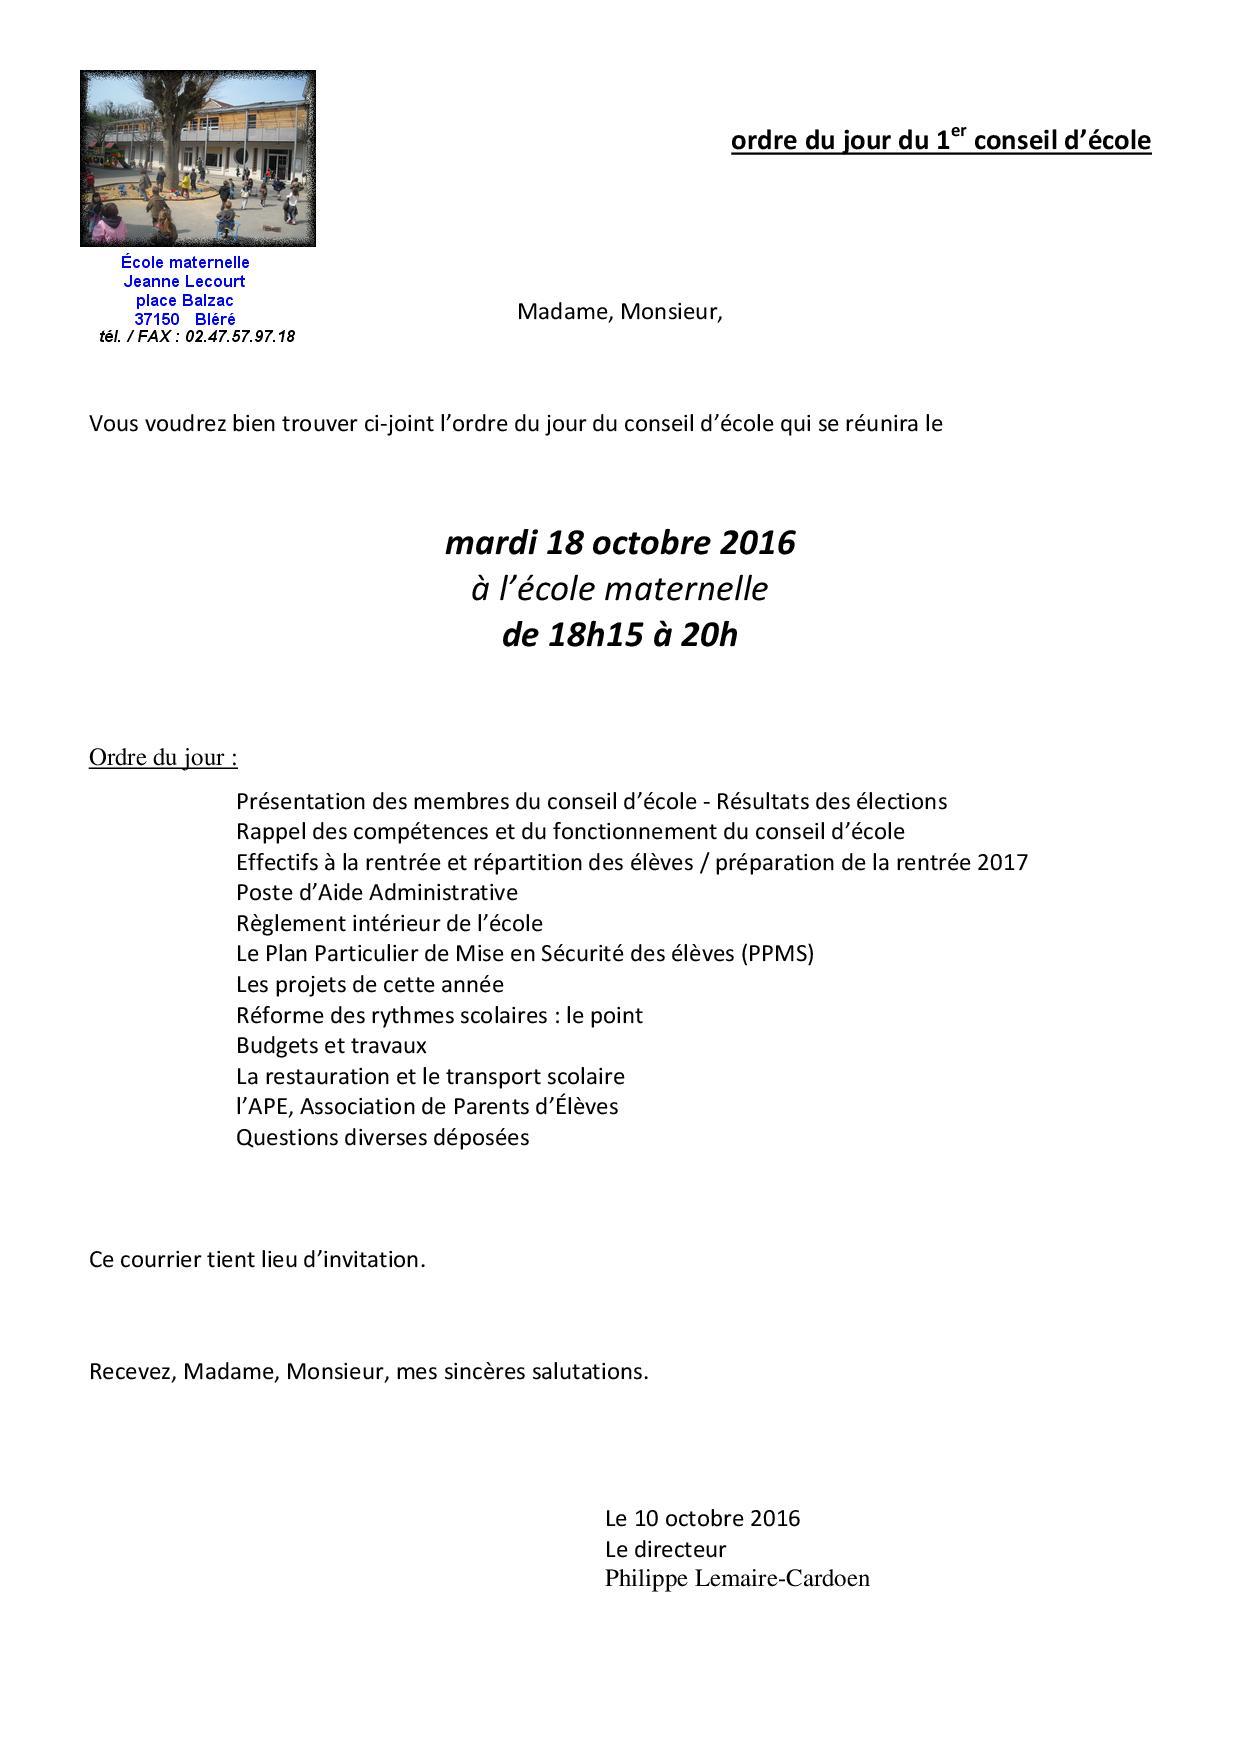 ordre_du_jour